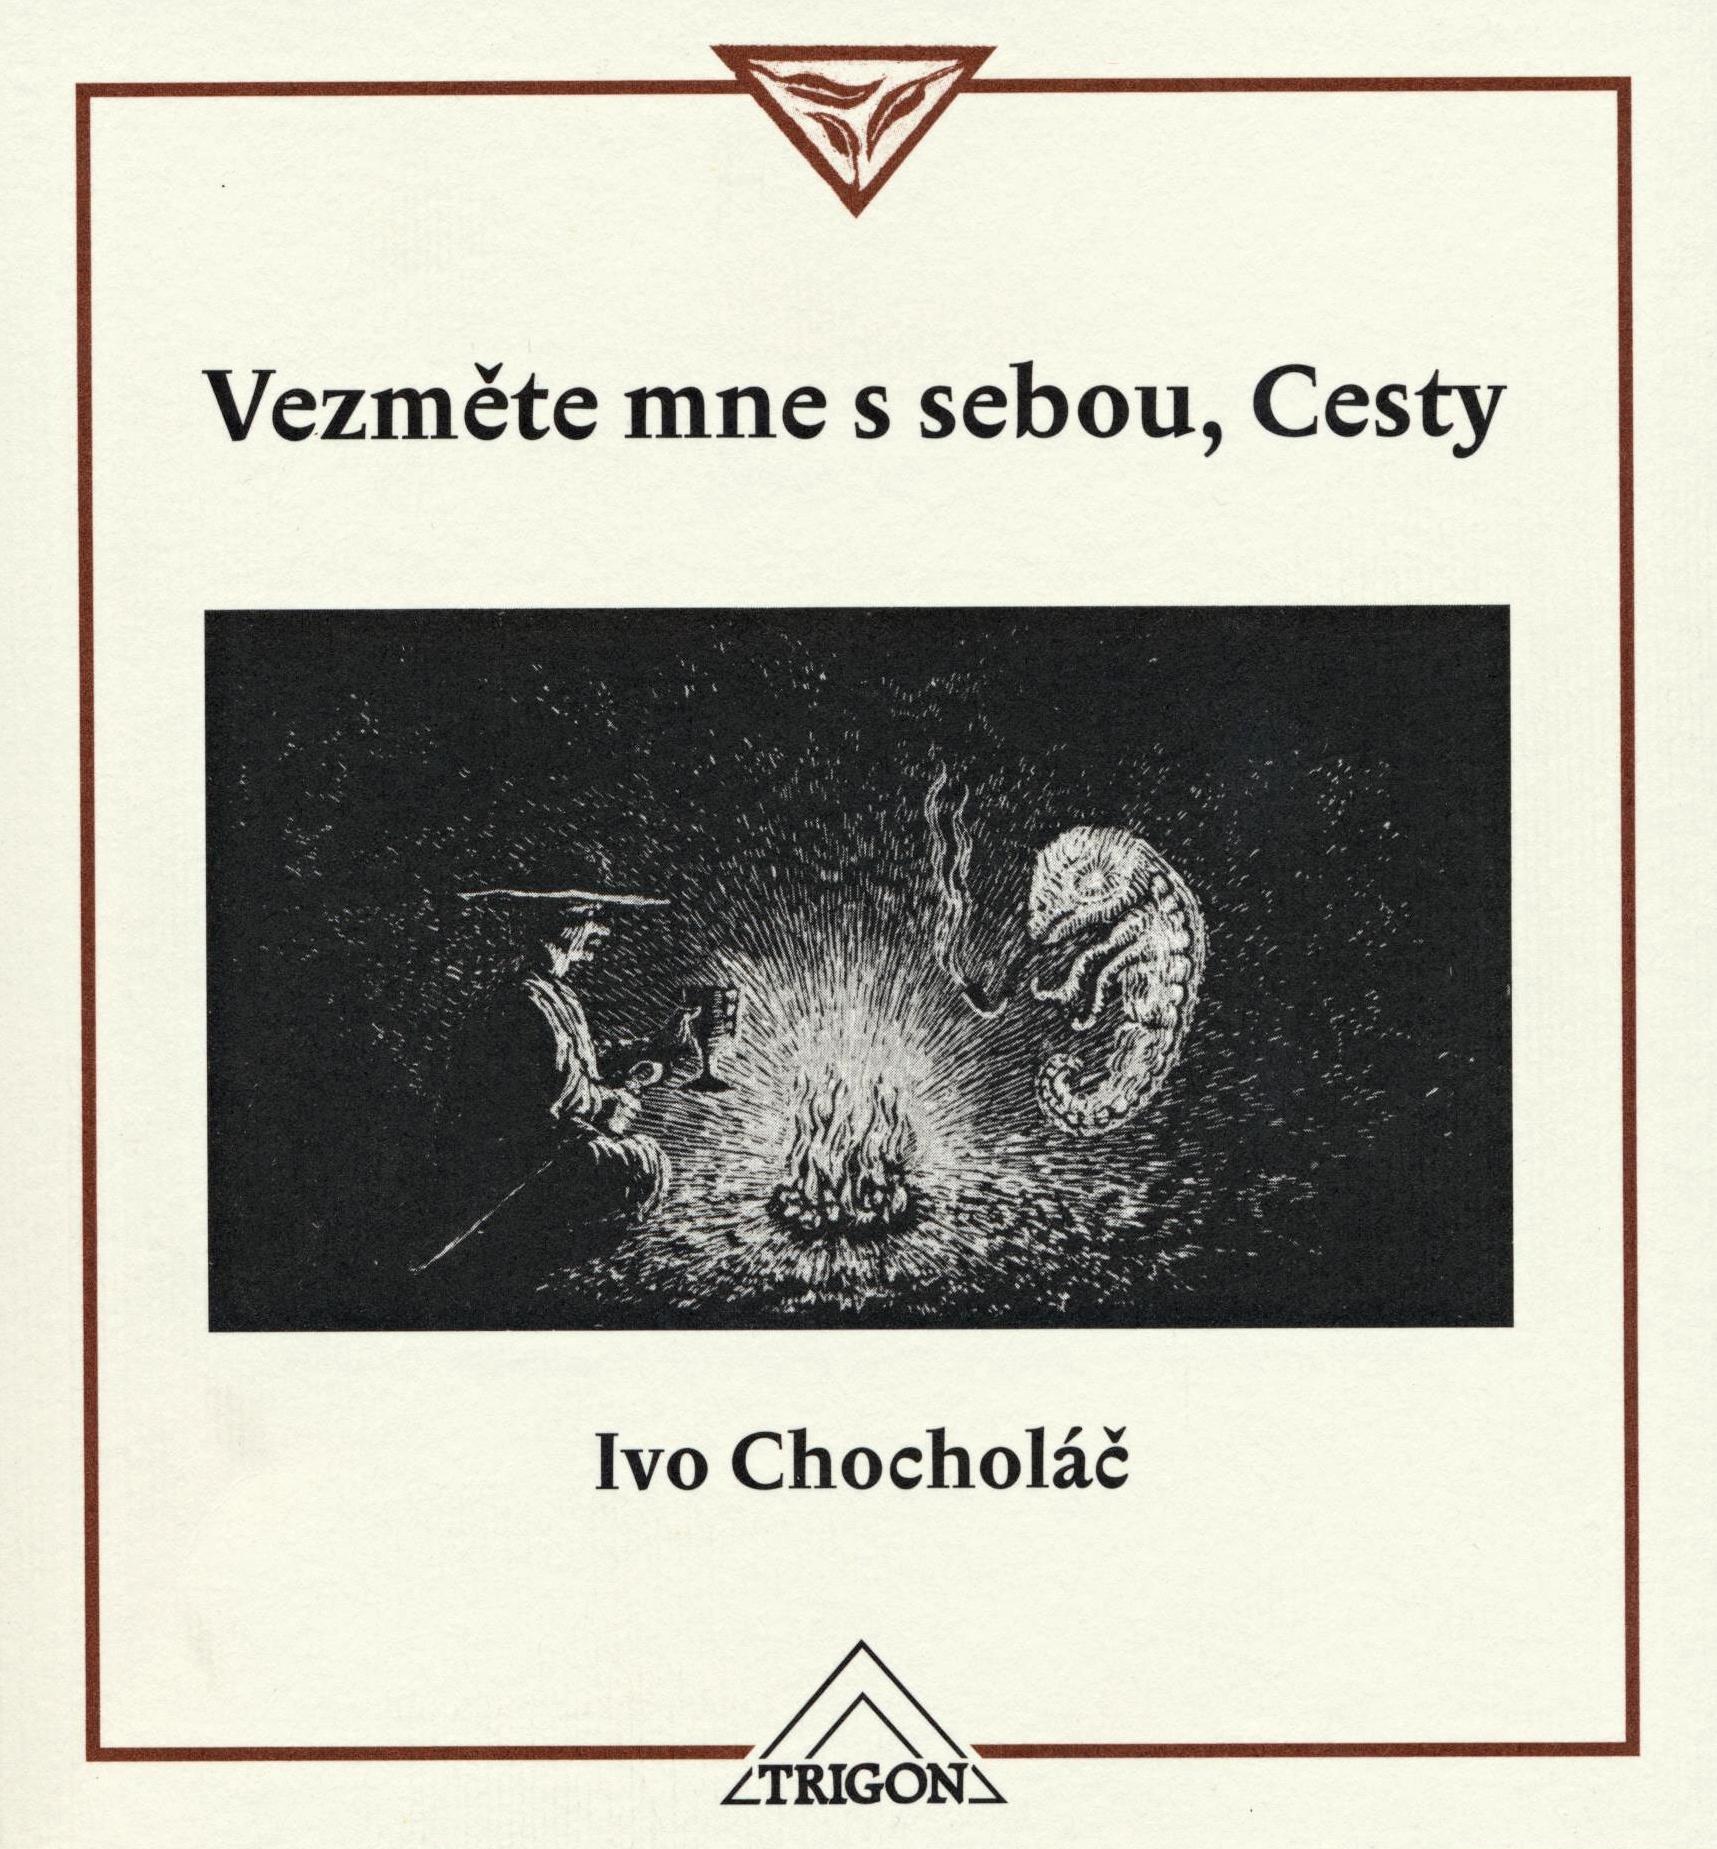 Ivo Chocholáč: Vezměte mne se sebou, Cesty (Trigon, Praha 2015)